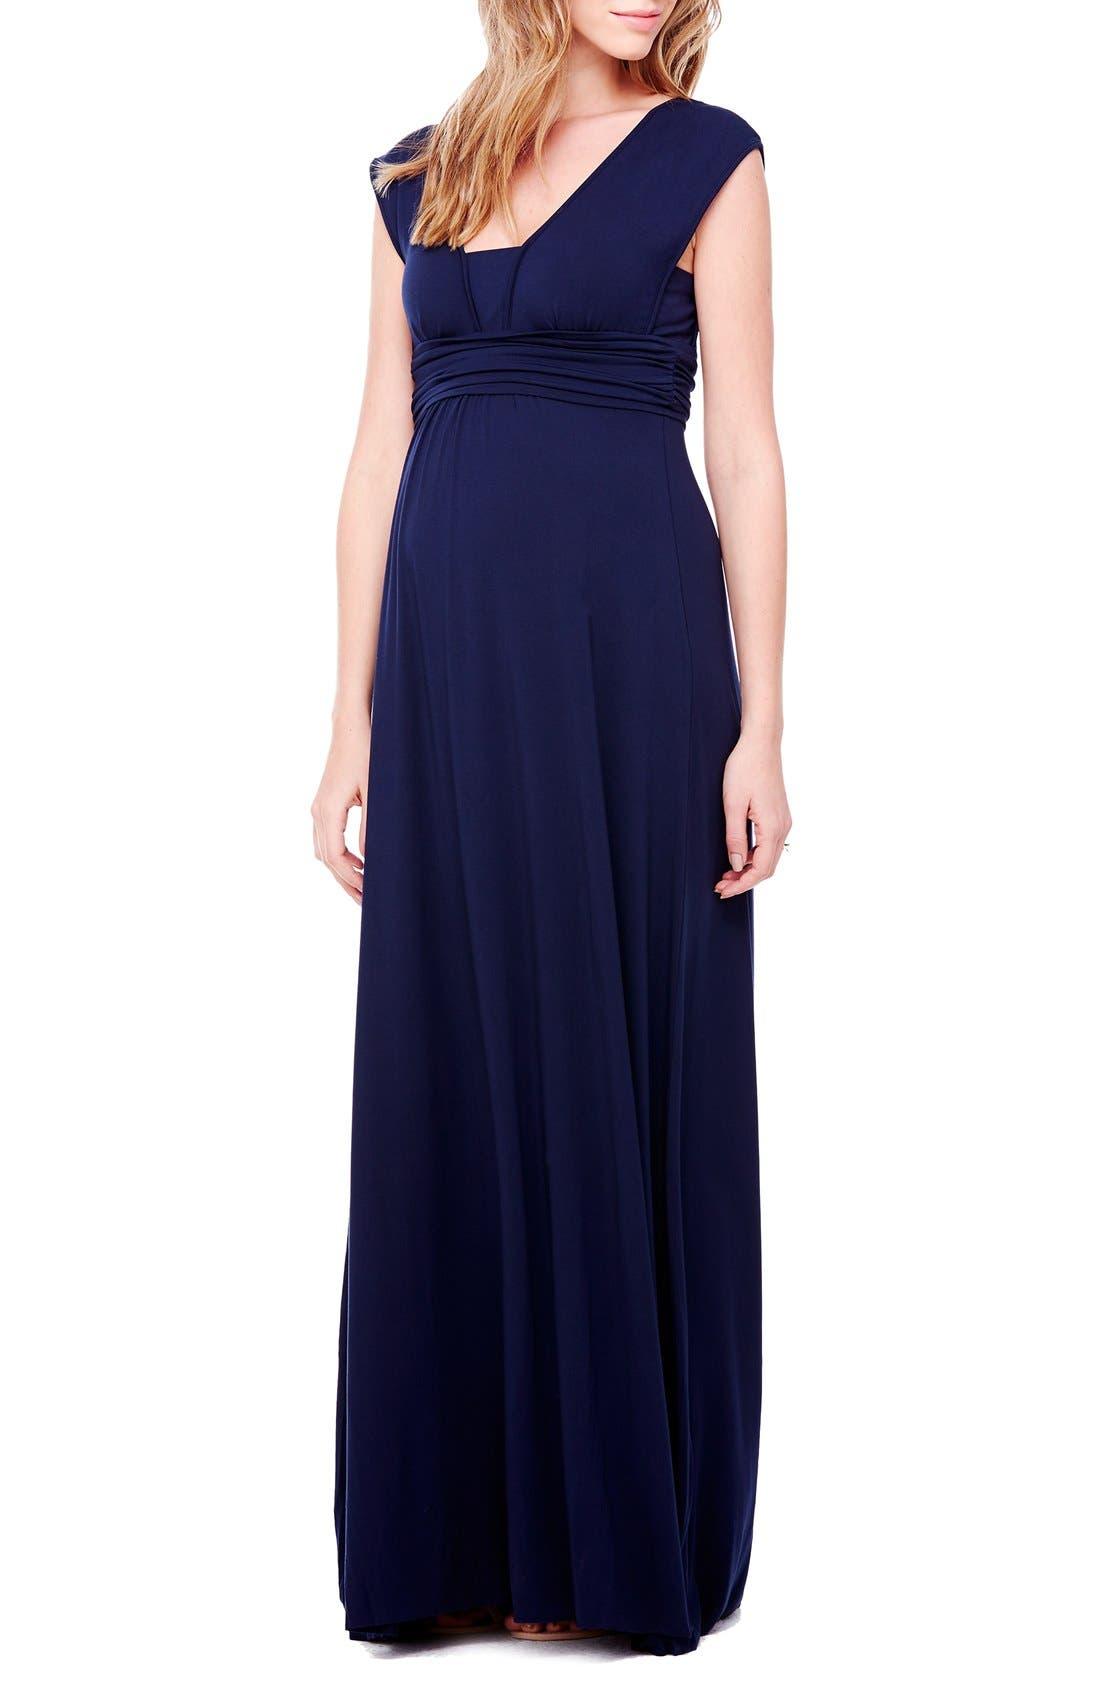 Empire Waist Maternity Maxi Dress,                         Main,                         color, True Navy